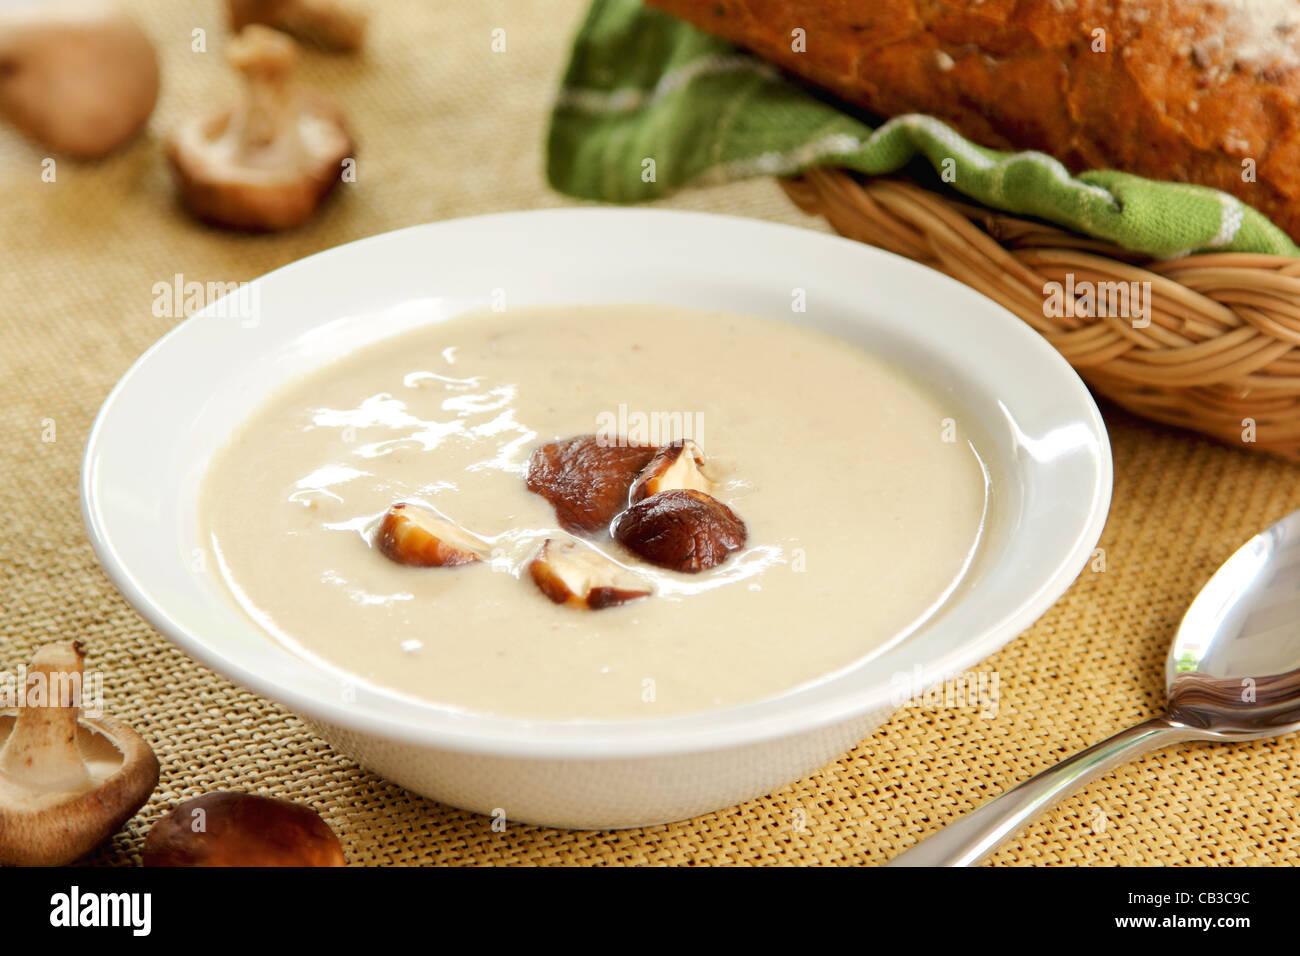 Soupe aux champignons Photo Stock